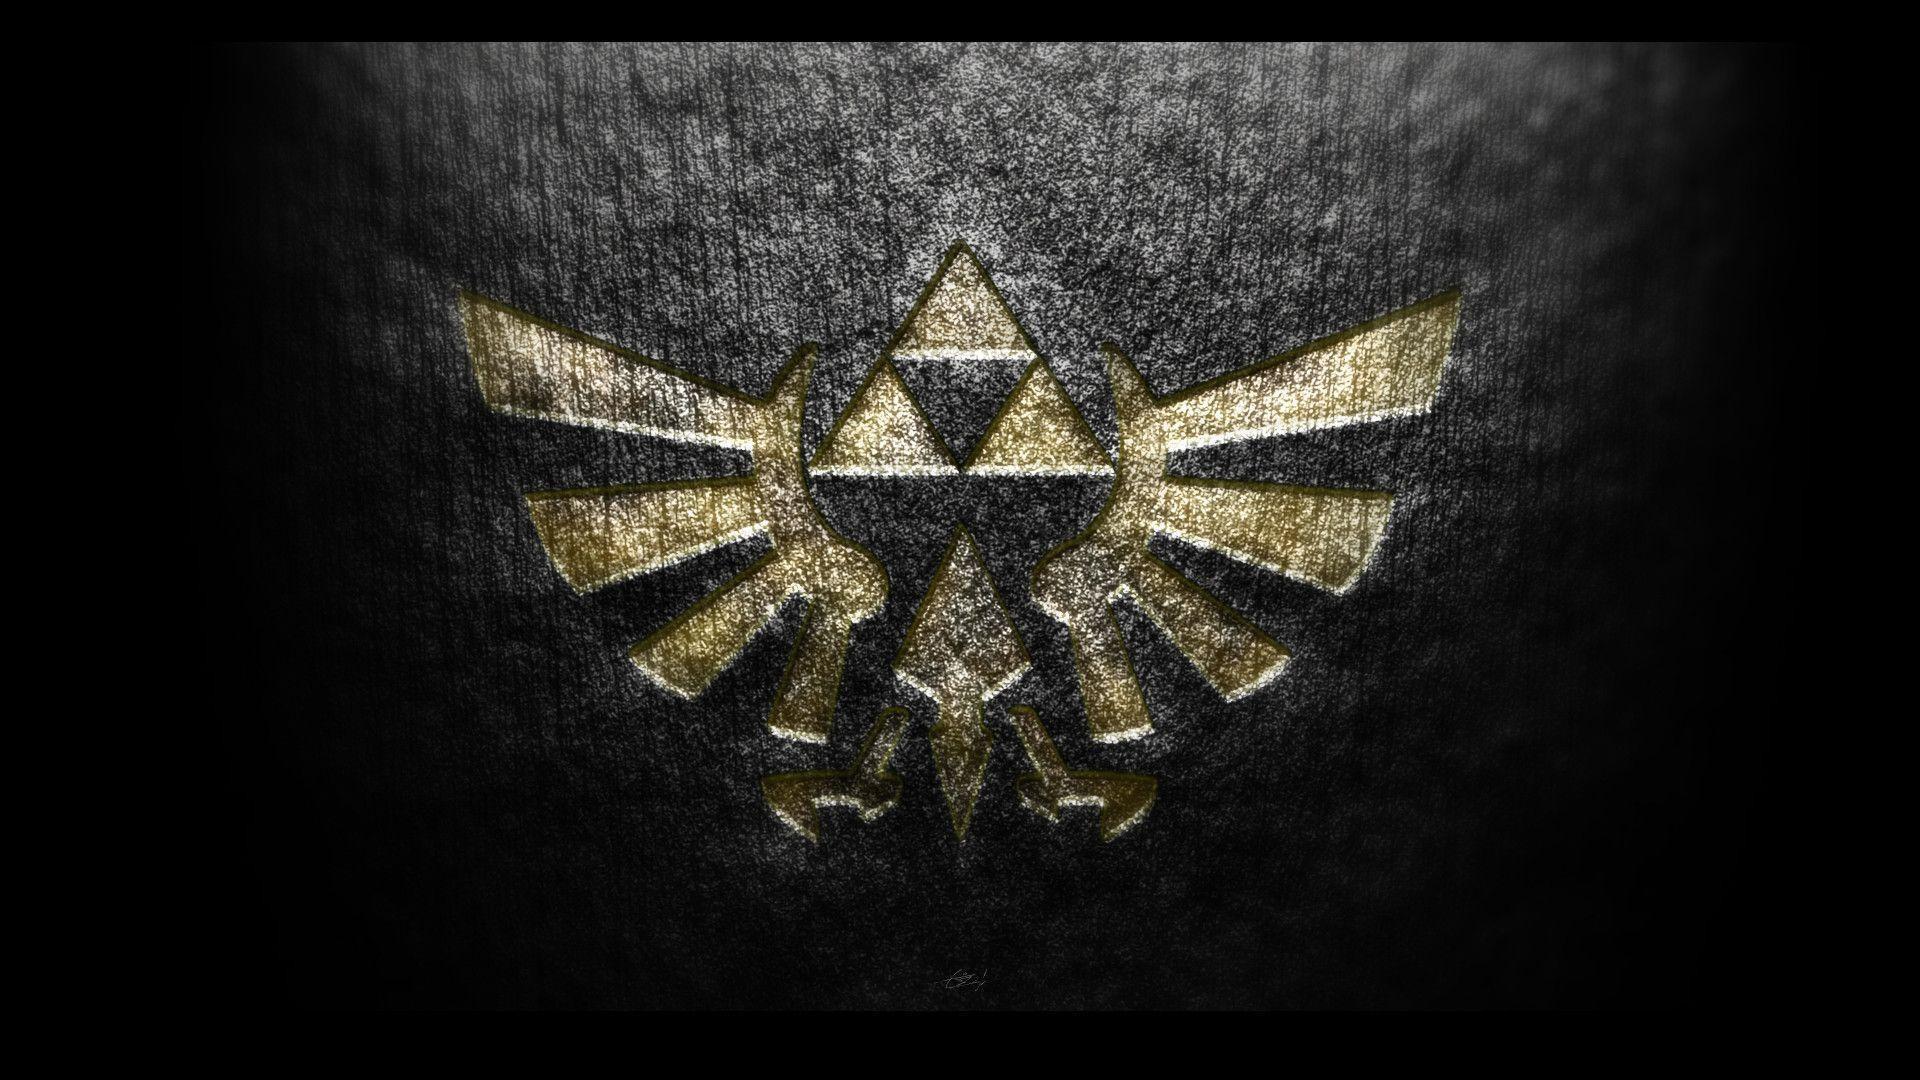 Wallpapers For > Zelda Triforce Wallpaper